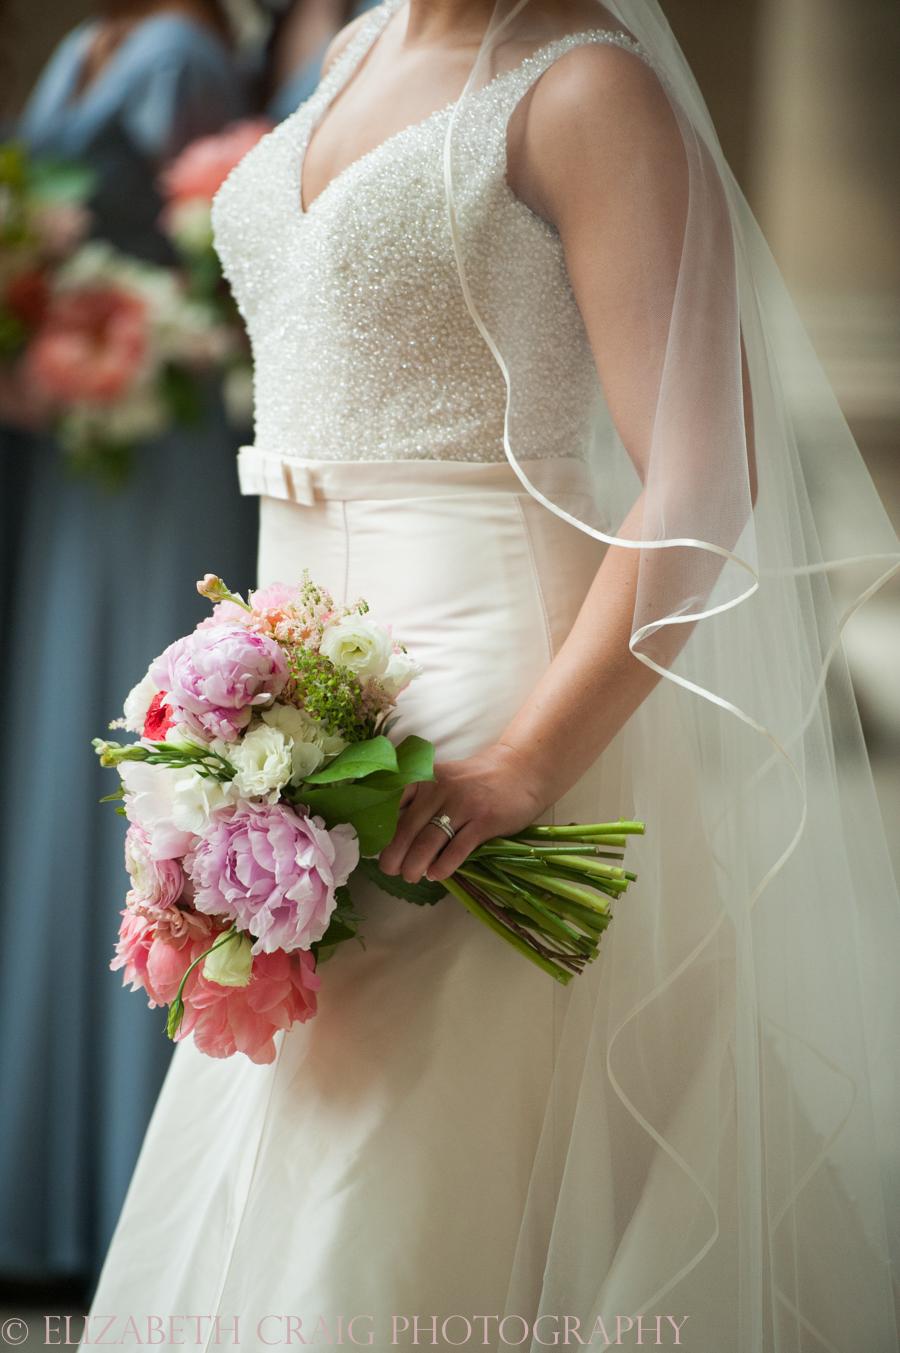 Elizabeth Craig Wedding Photography-120